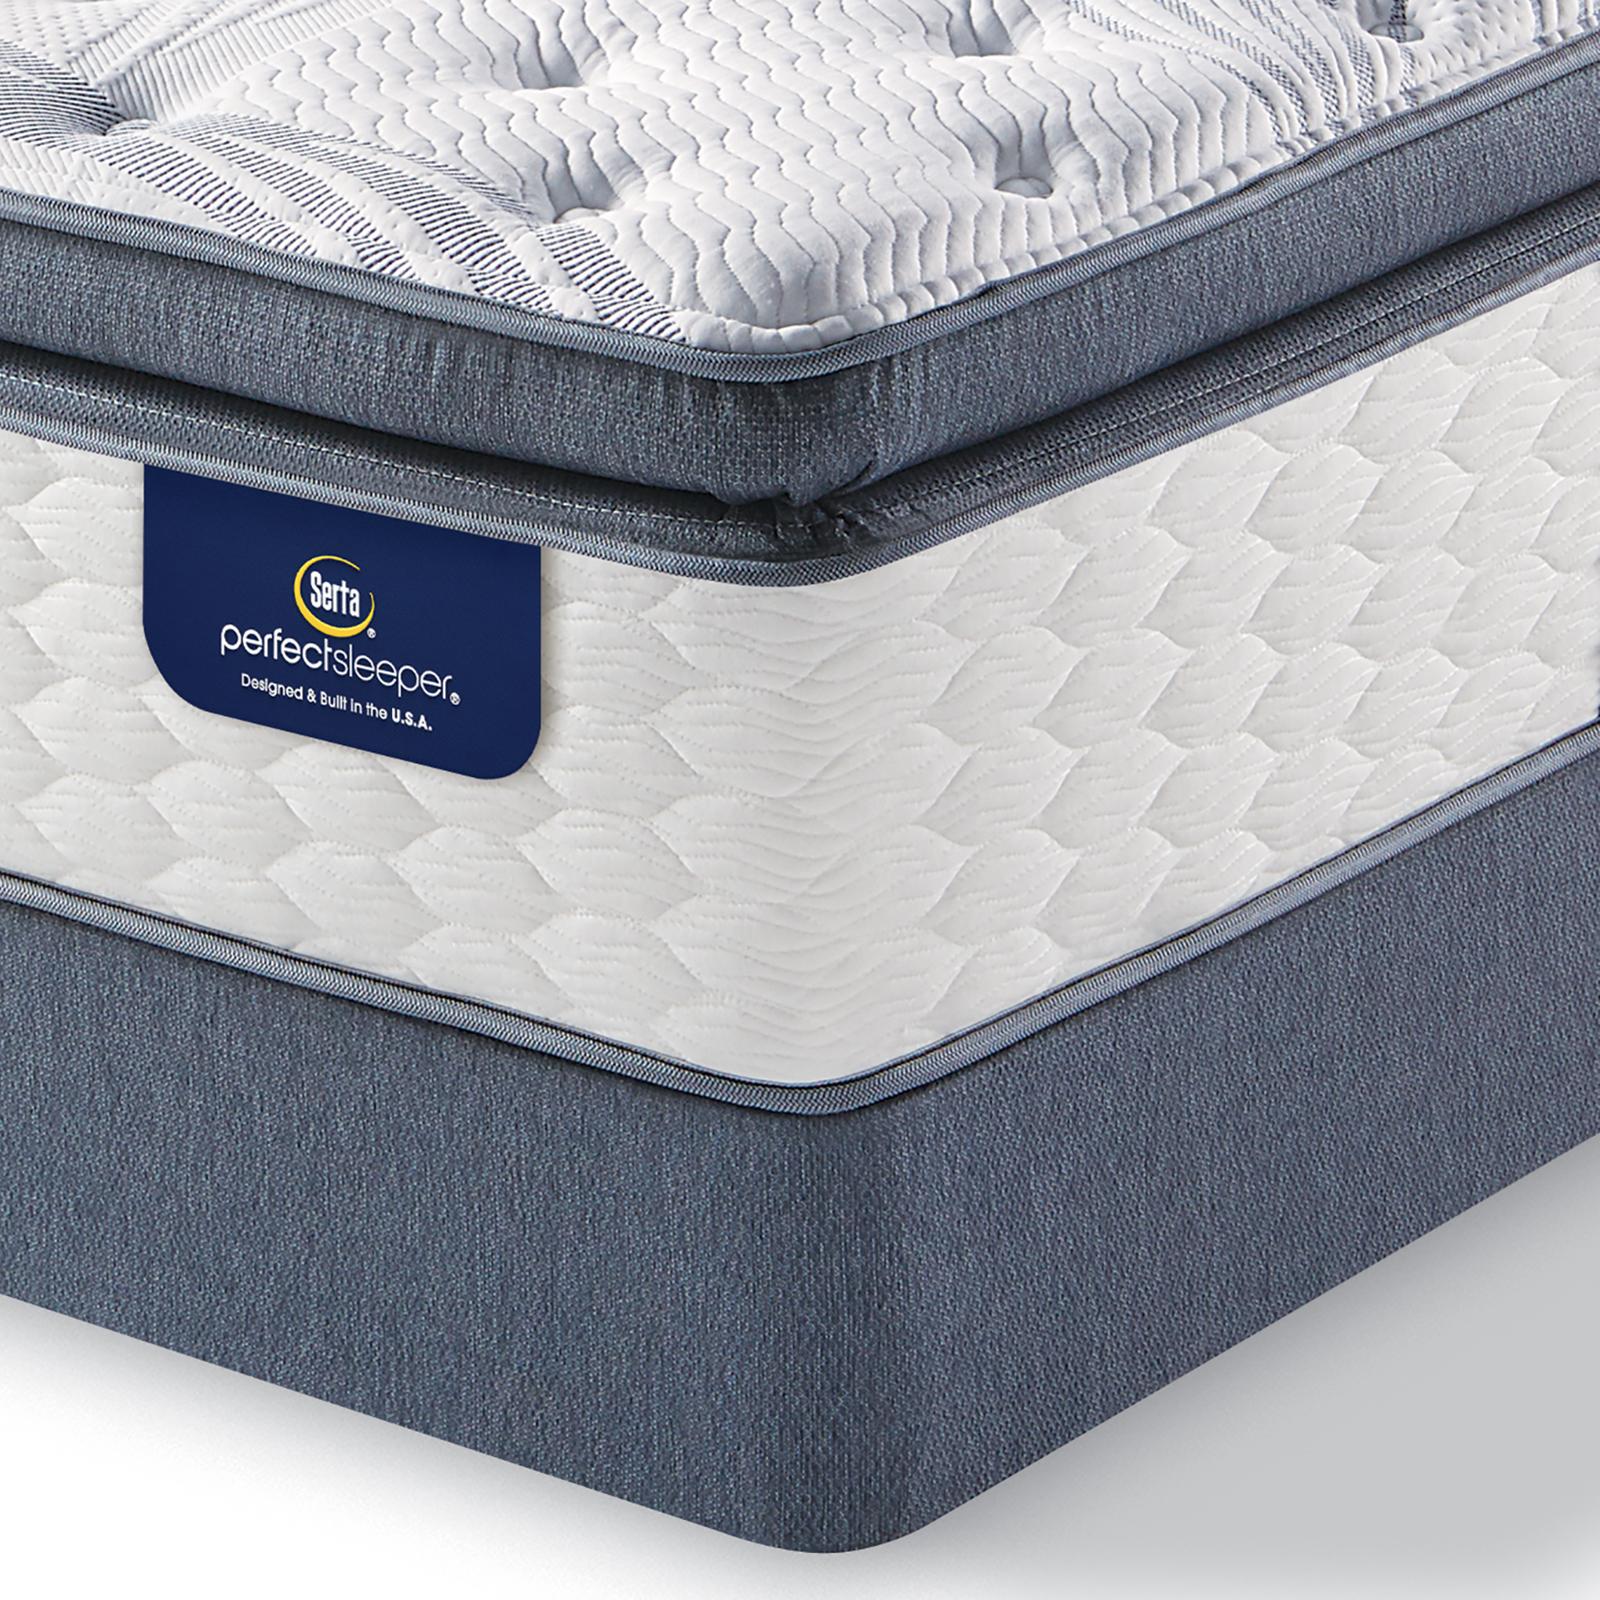 Serta 92710 Perfect Sleeper Walworth Firm Full Super Pillowtop Mattress